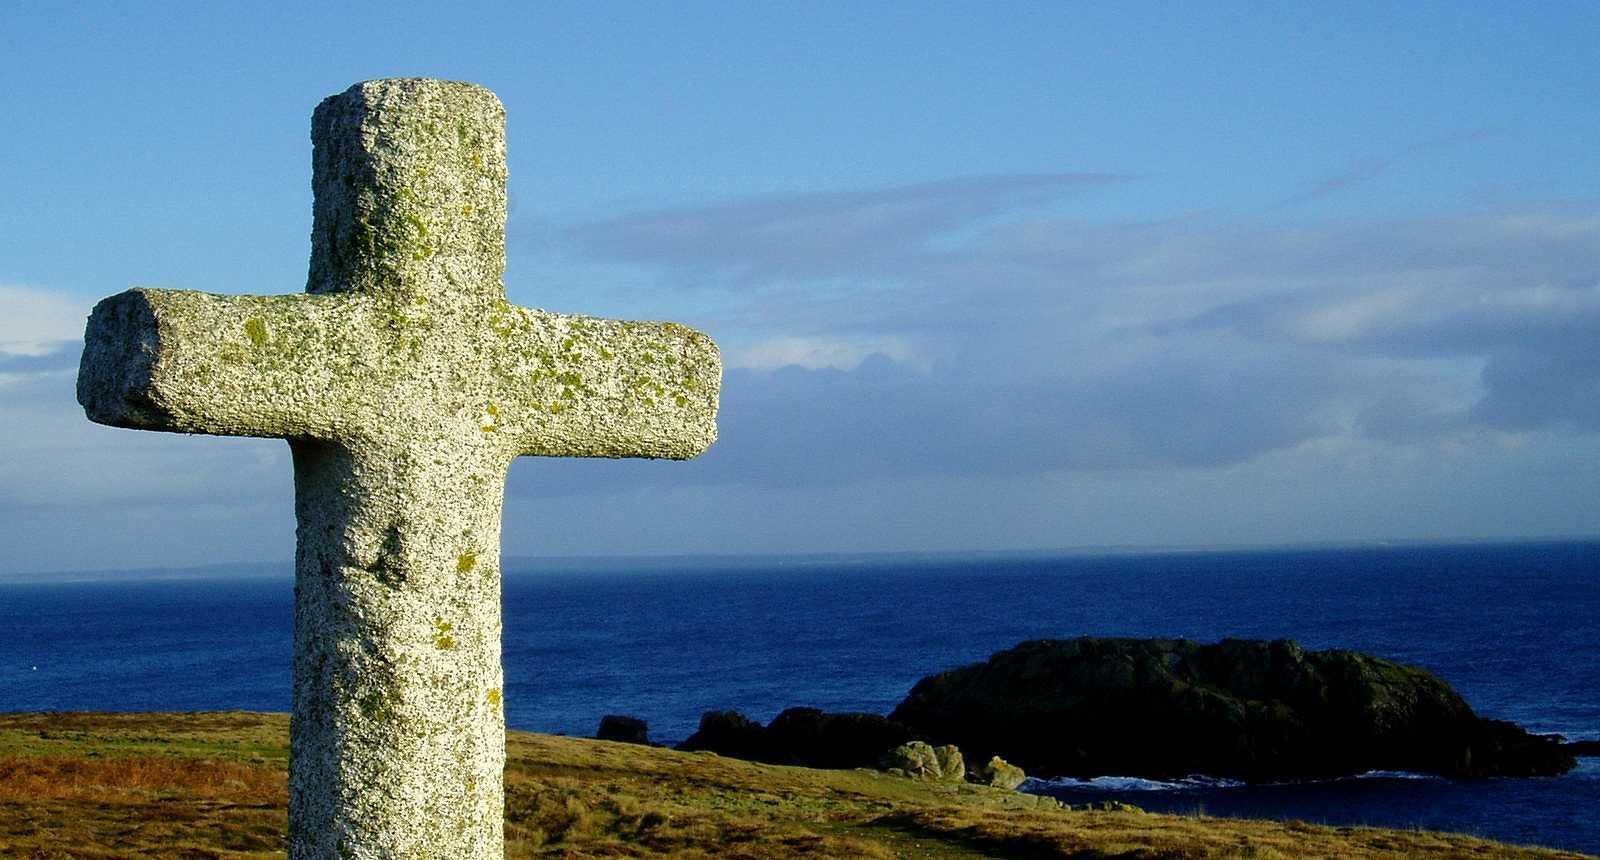 La Croix de Saint-Pol sur l'Île d'Ouessant